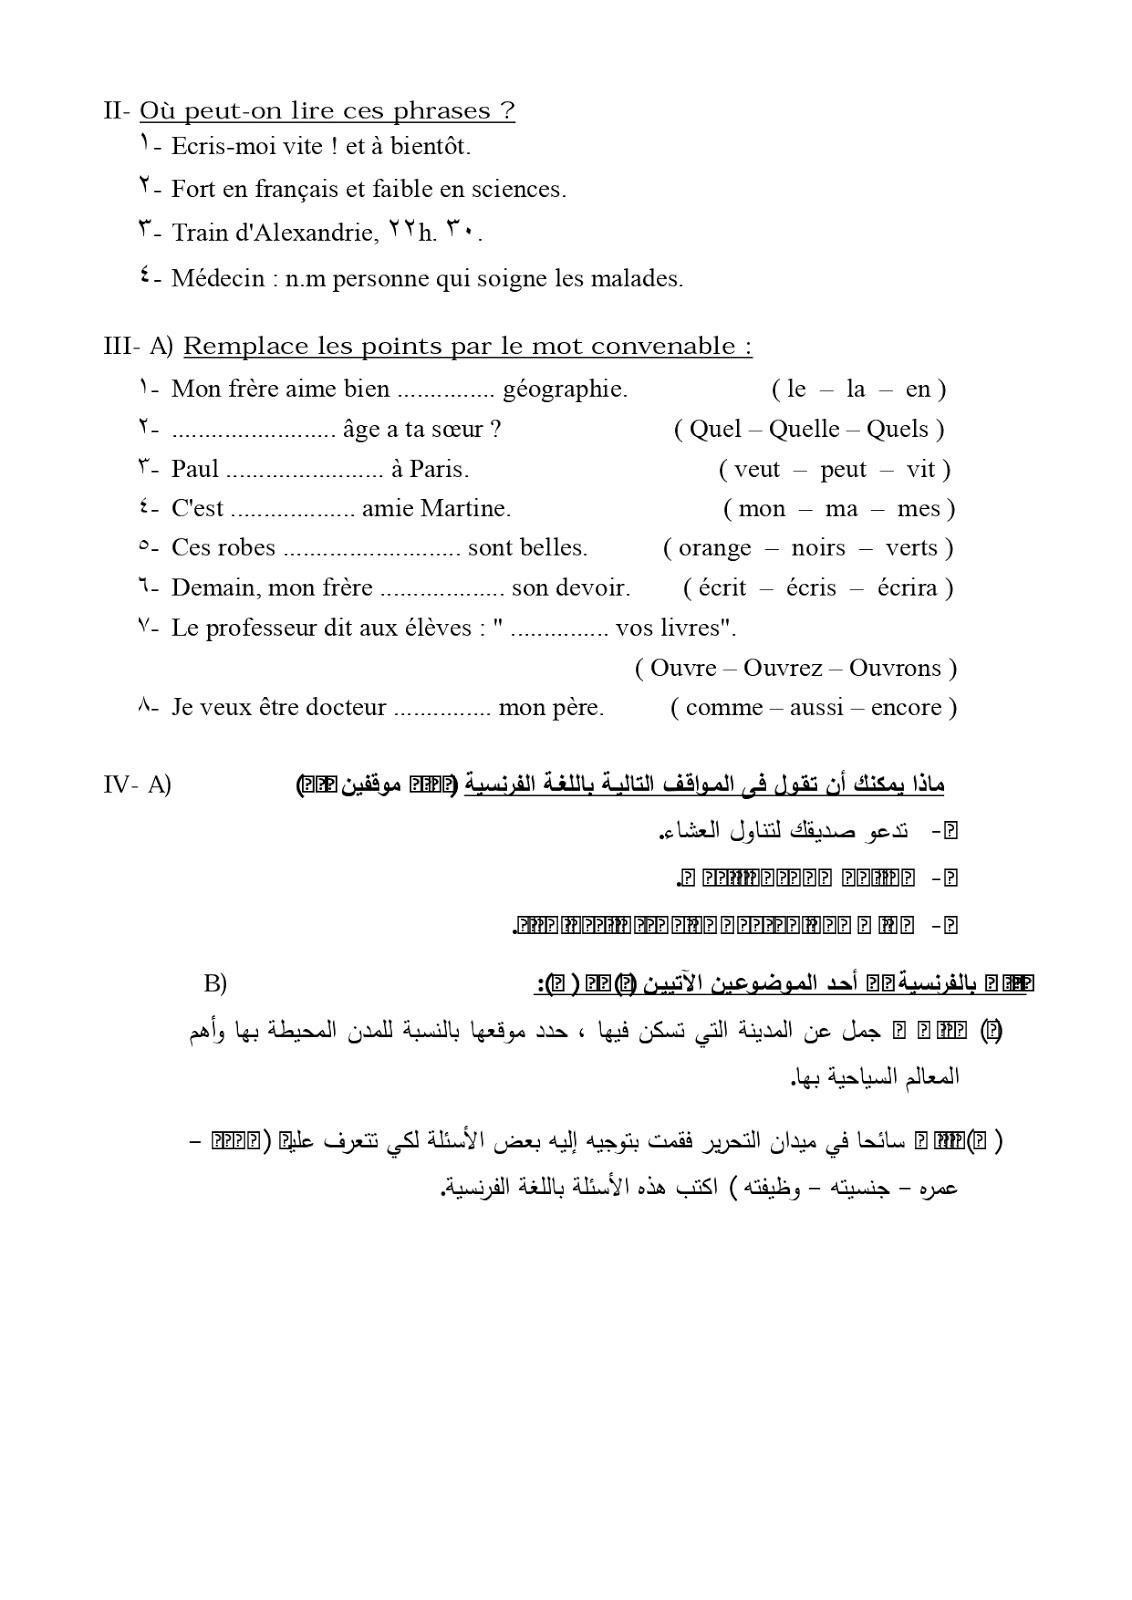 امتحان لغة فرنسية لاولى ثانوى (5)